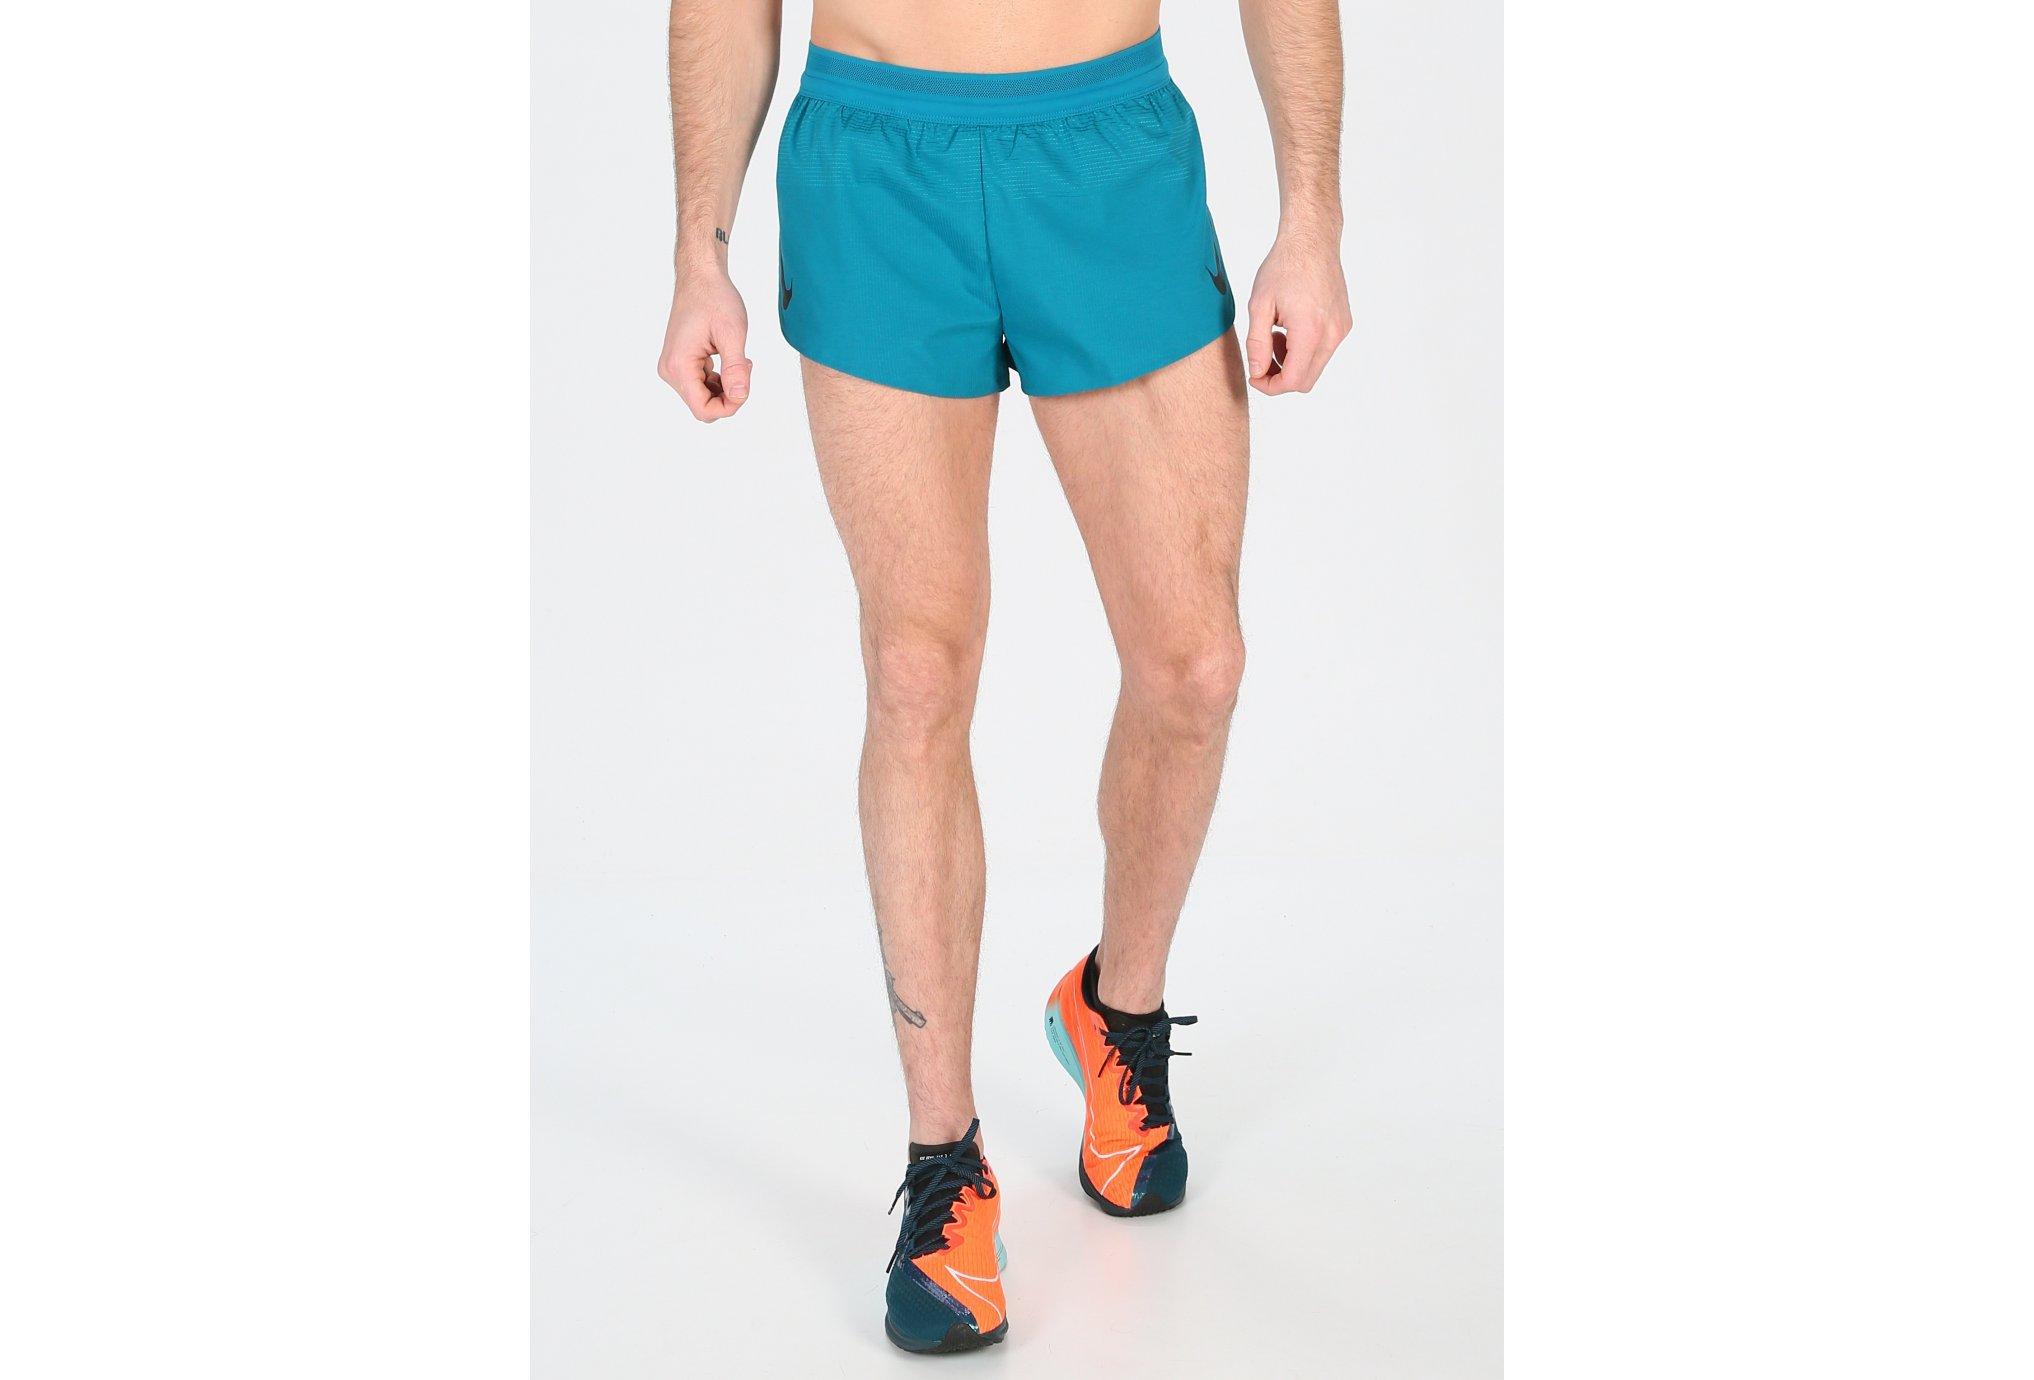 Nike Aeroswift London M Diététique Vêtements homme